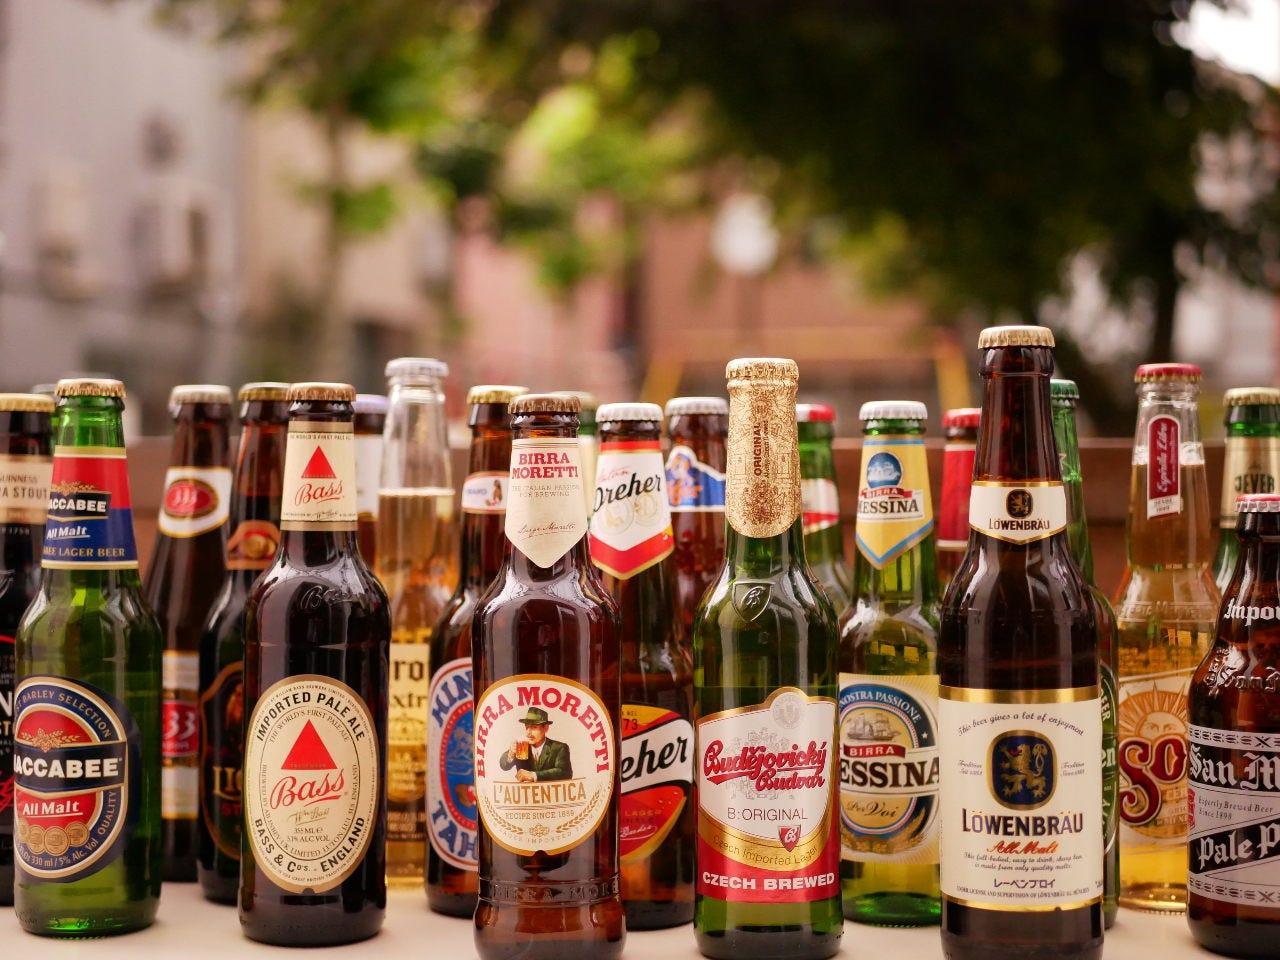 【2時間飲み放題!】谷根千の開放テラスで世界のビール飲み放題 2,200円